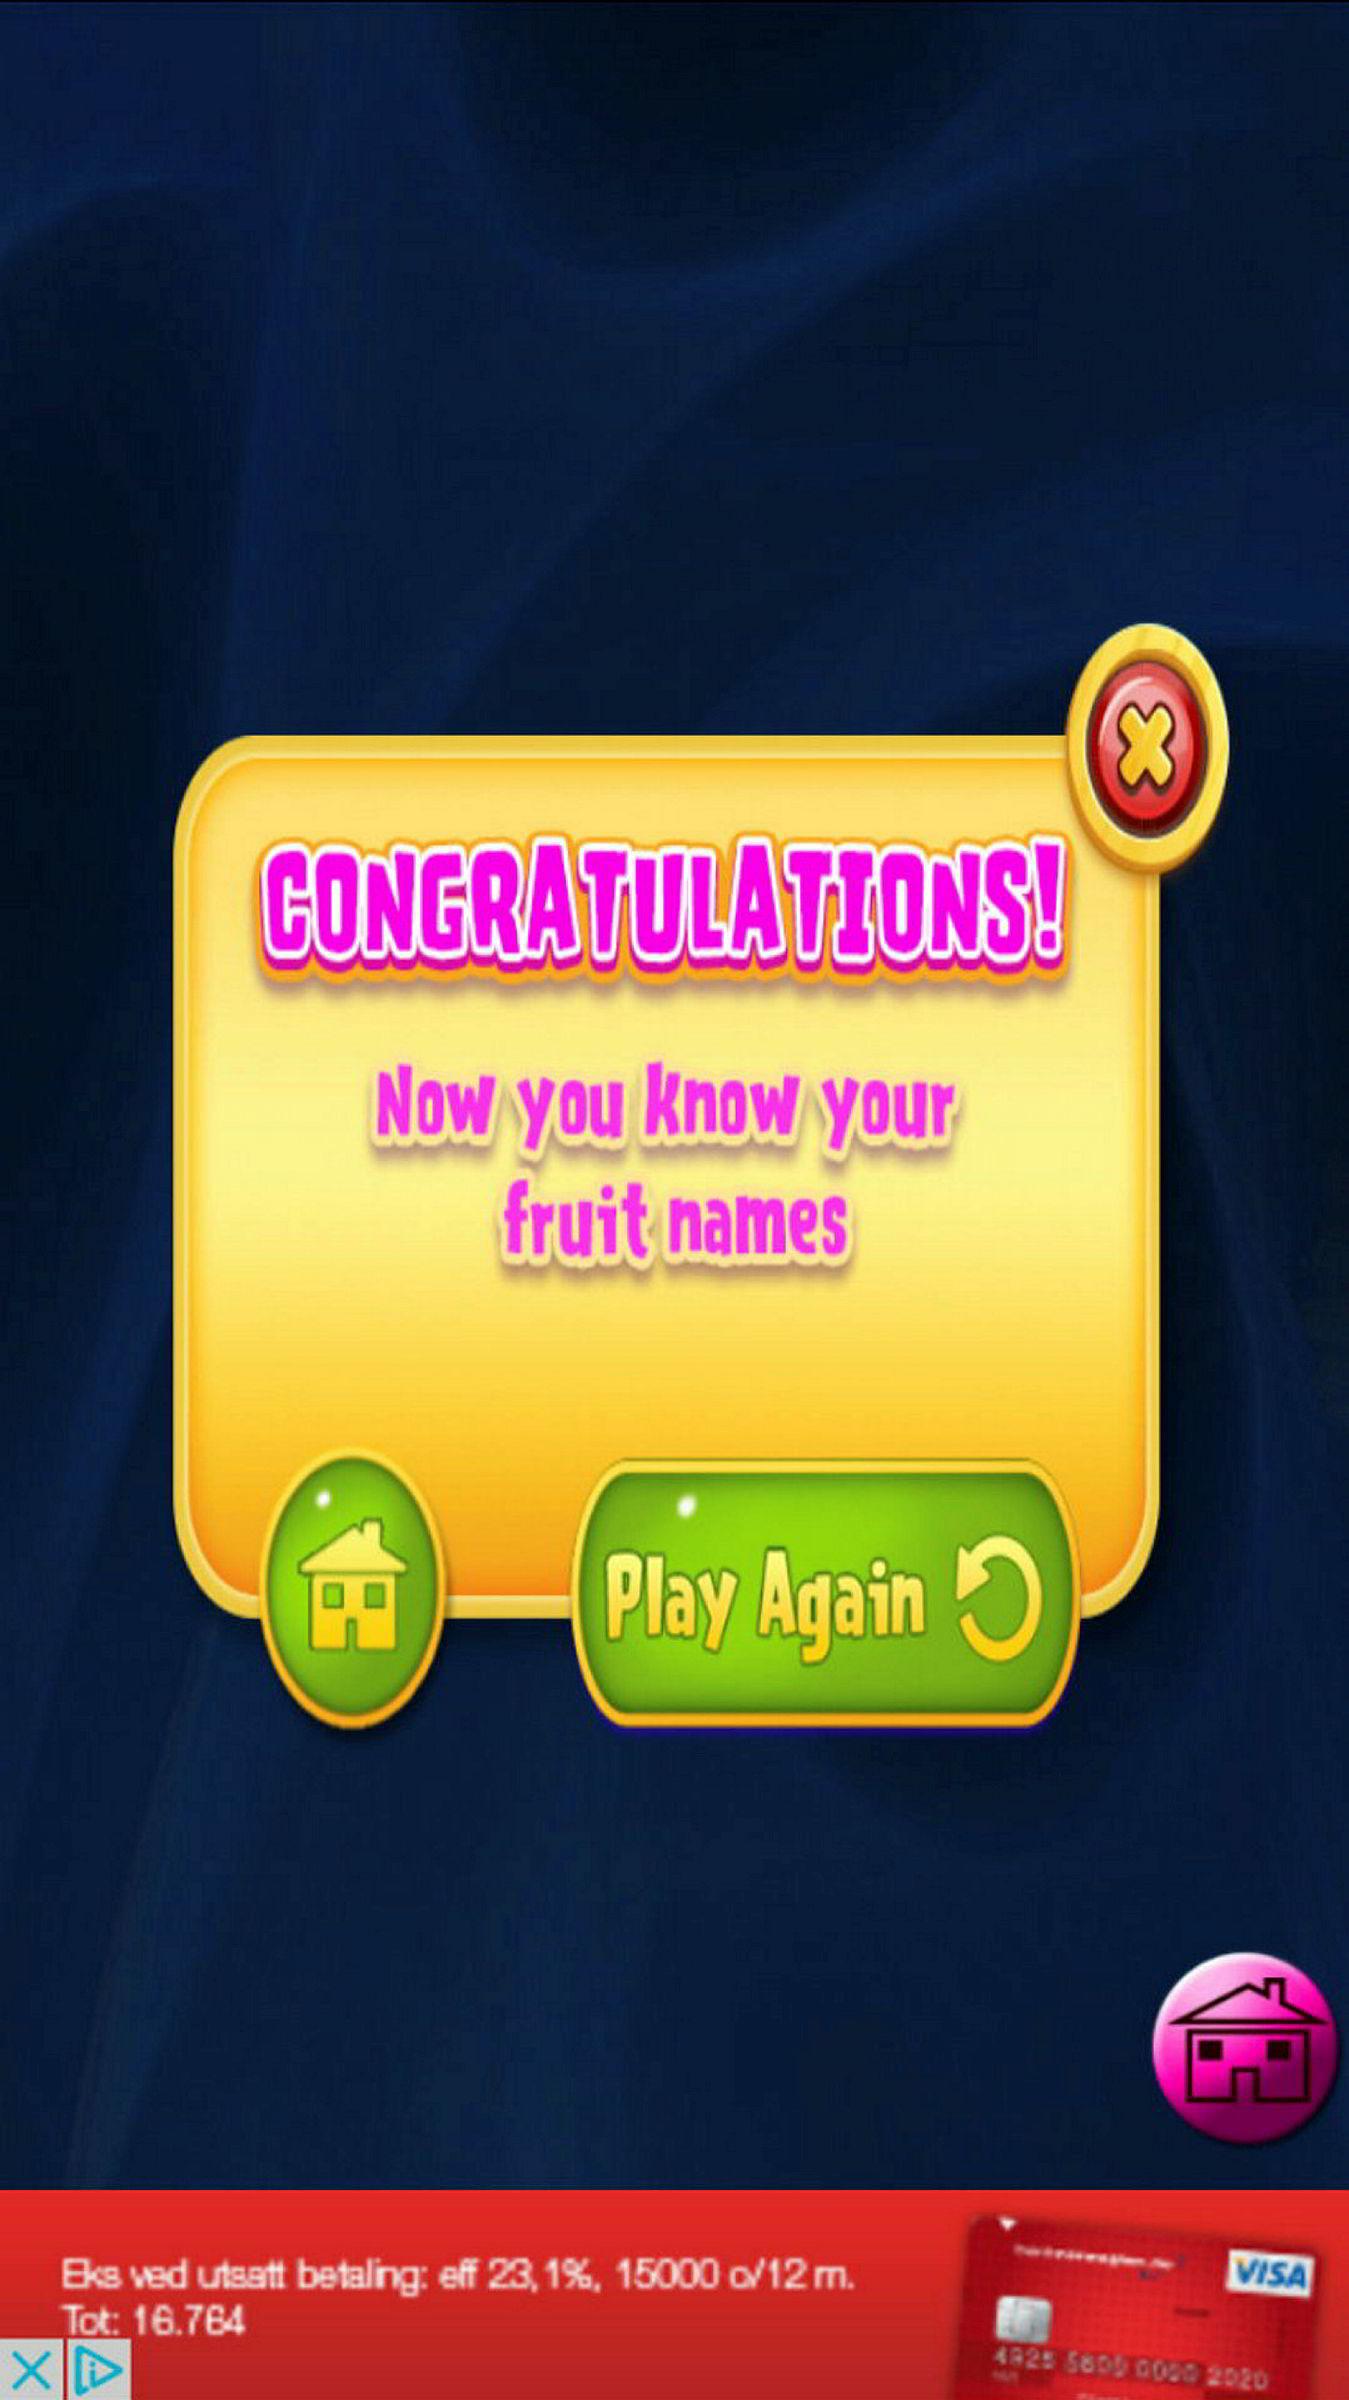 Barn som gjetter navn på frukter, blir også møtt med reklame for kredittkort. Skjermdump fra appen.